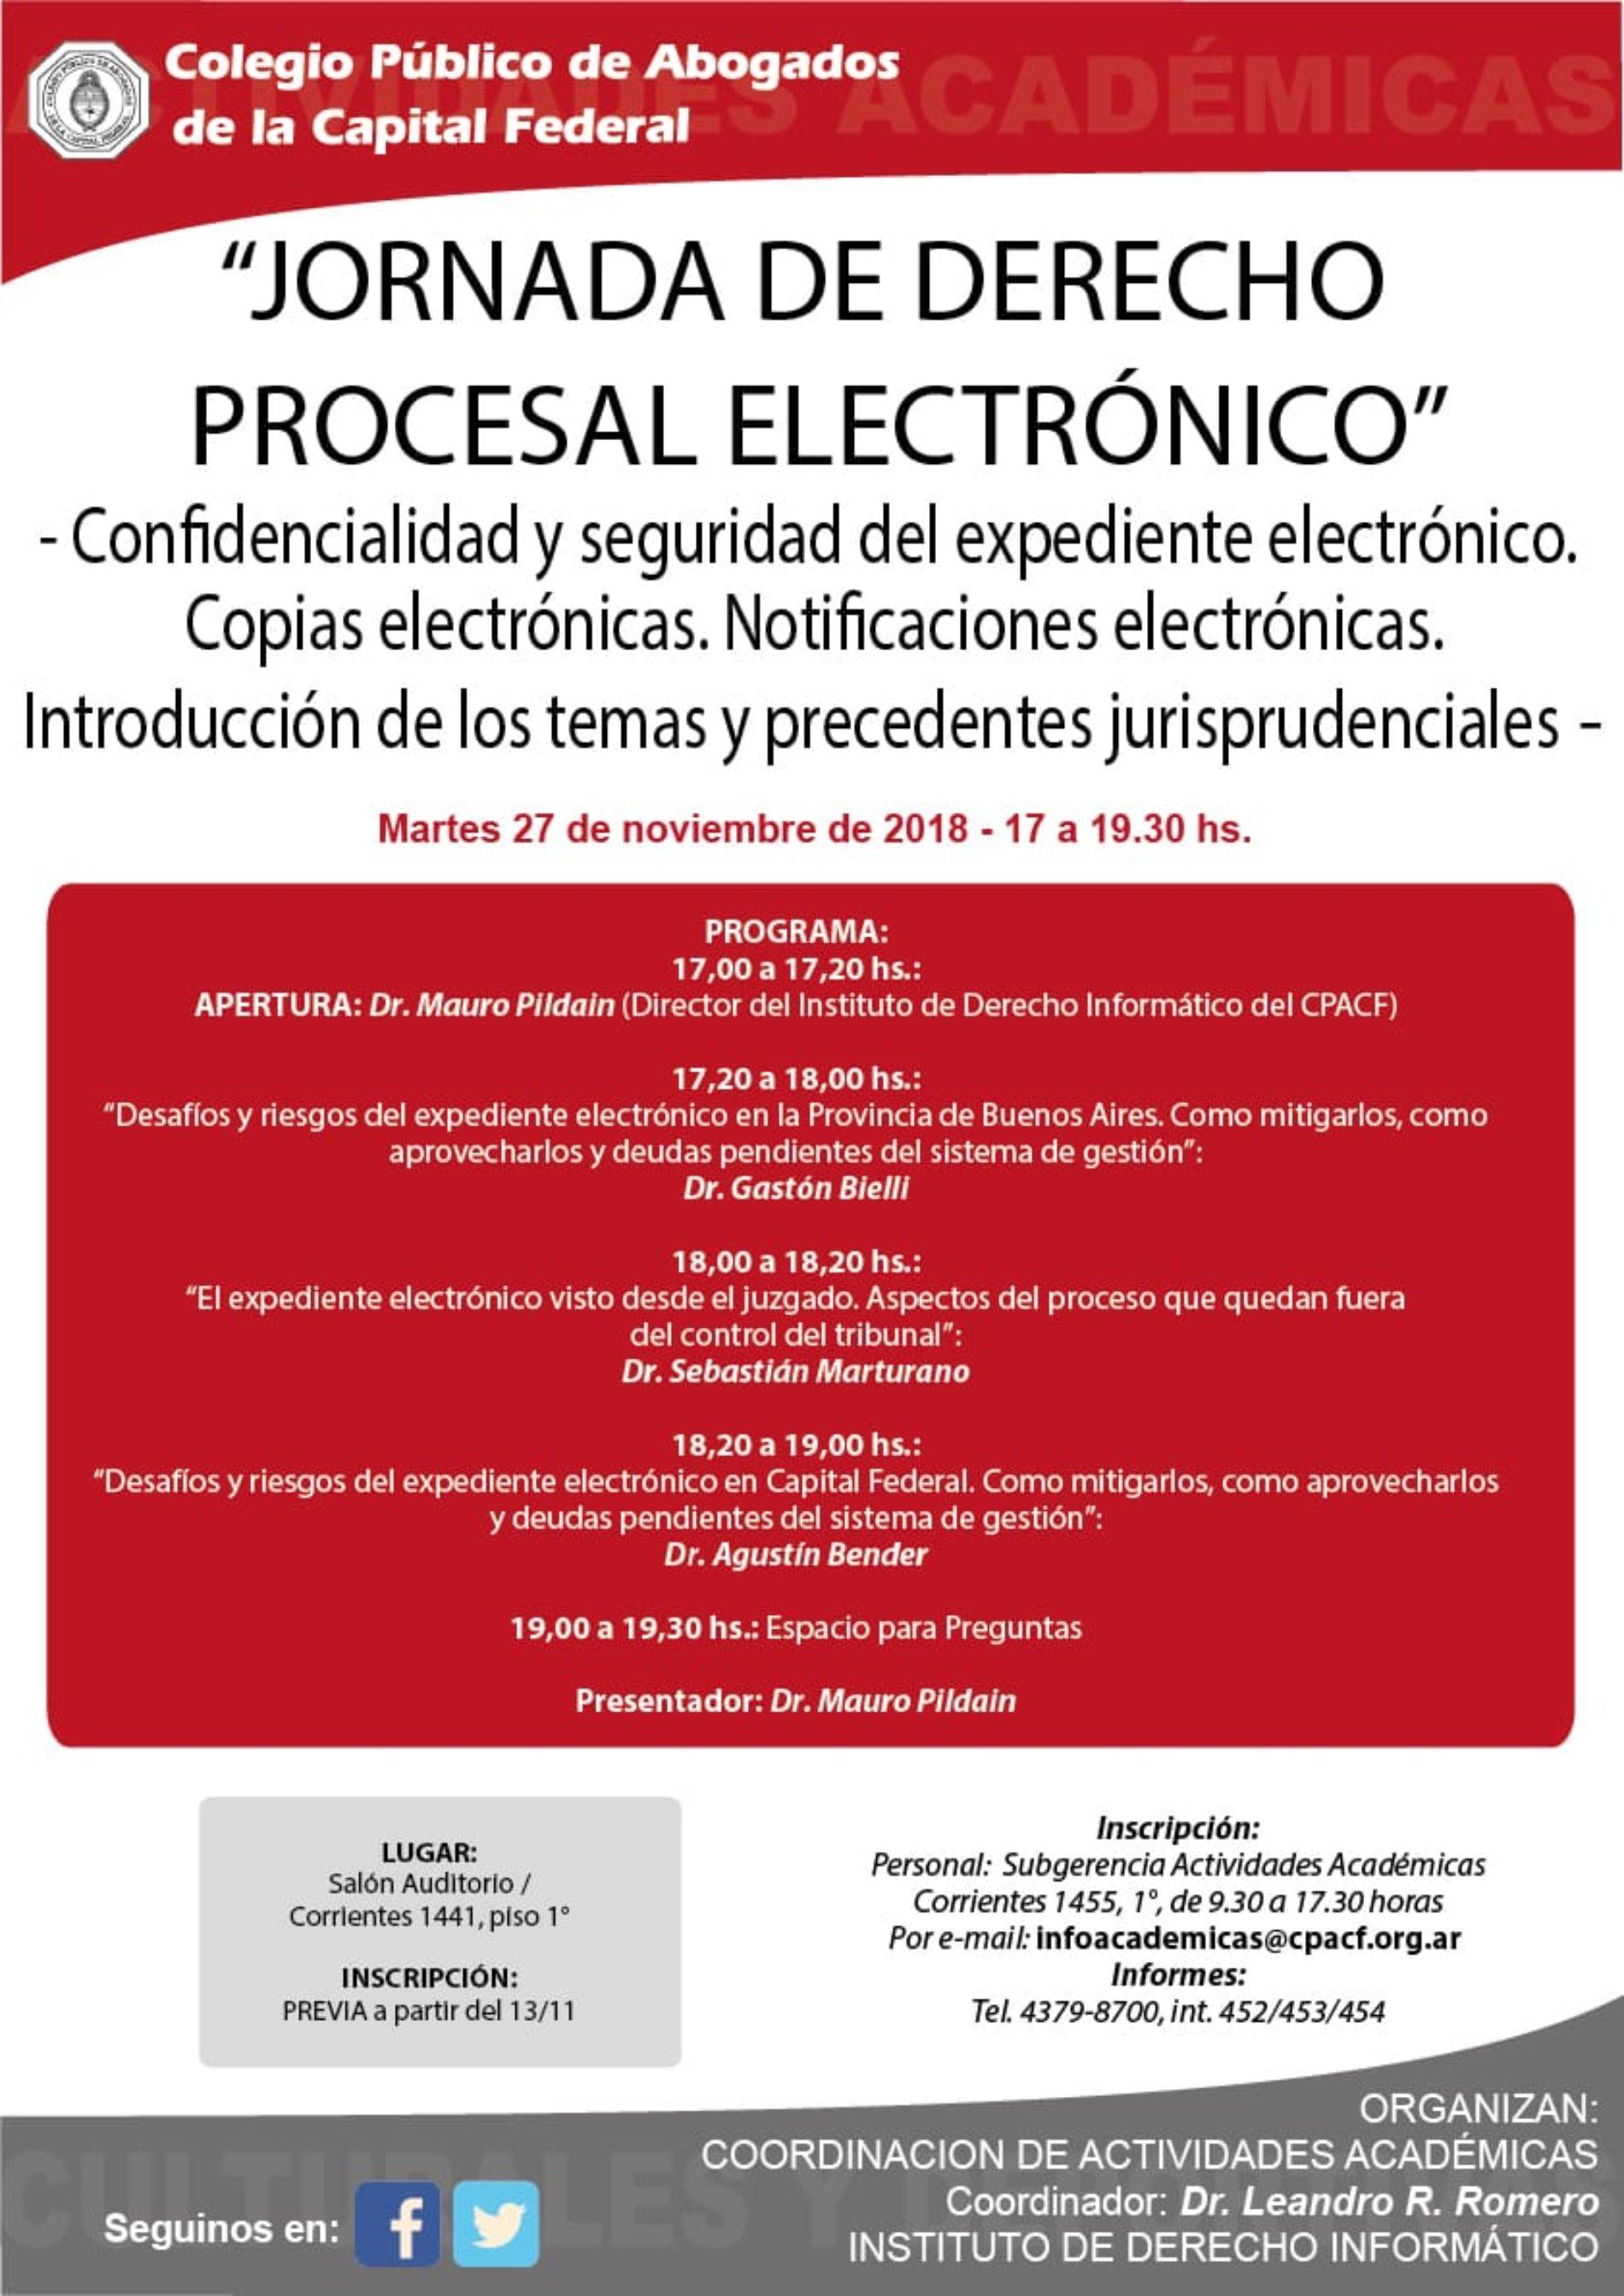 «JORNADA DE DERECHO PROCESAL ELECTRÓNICO»